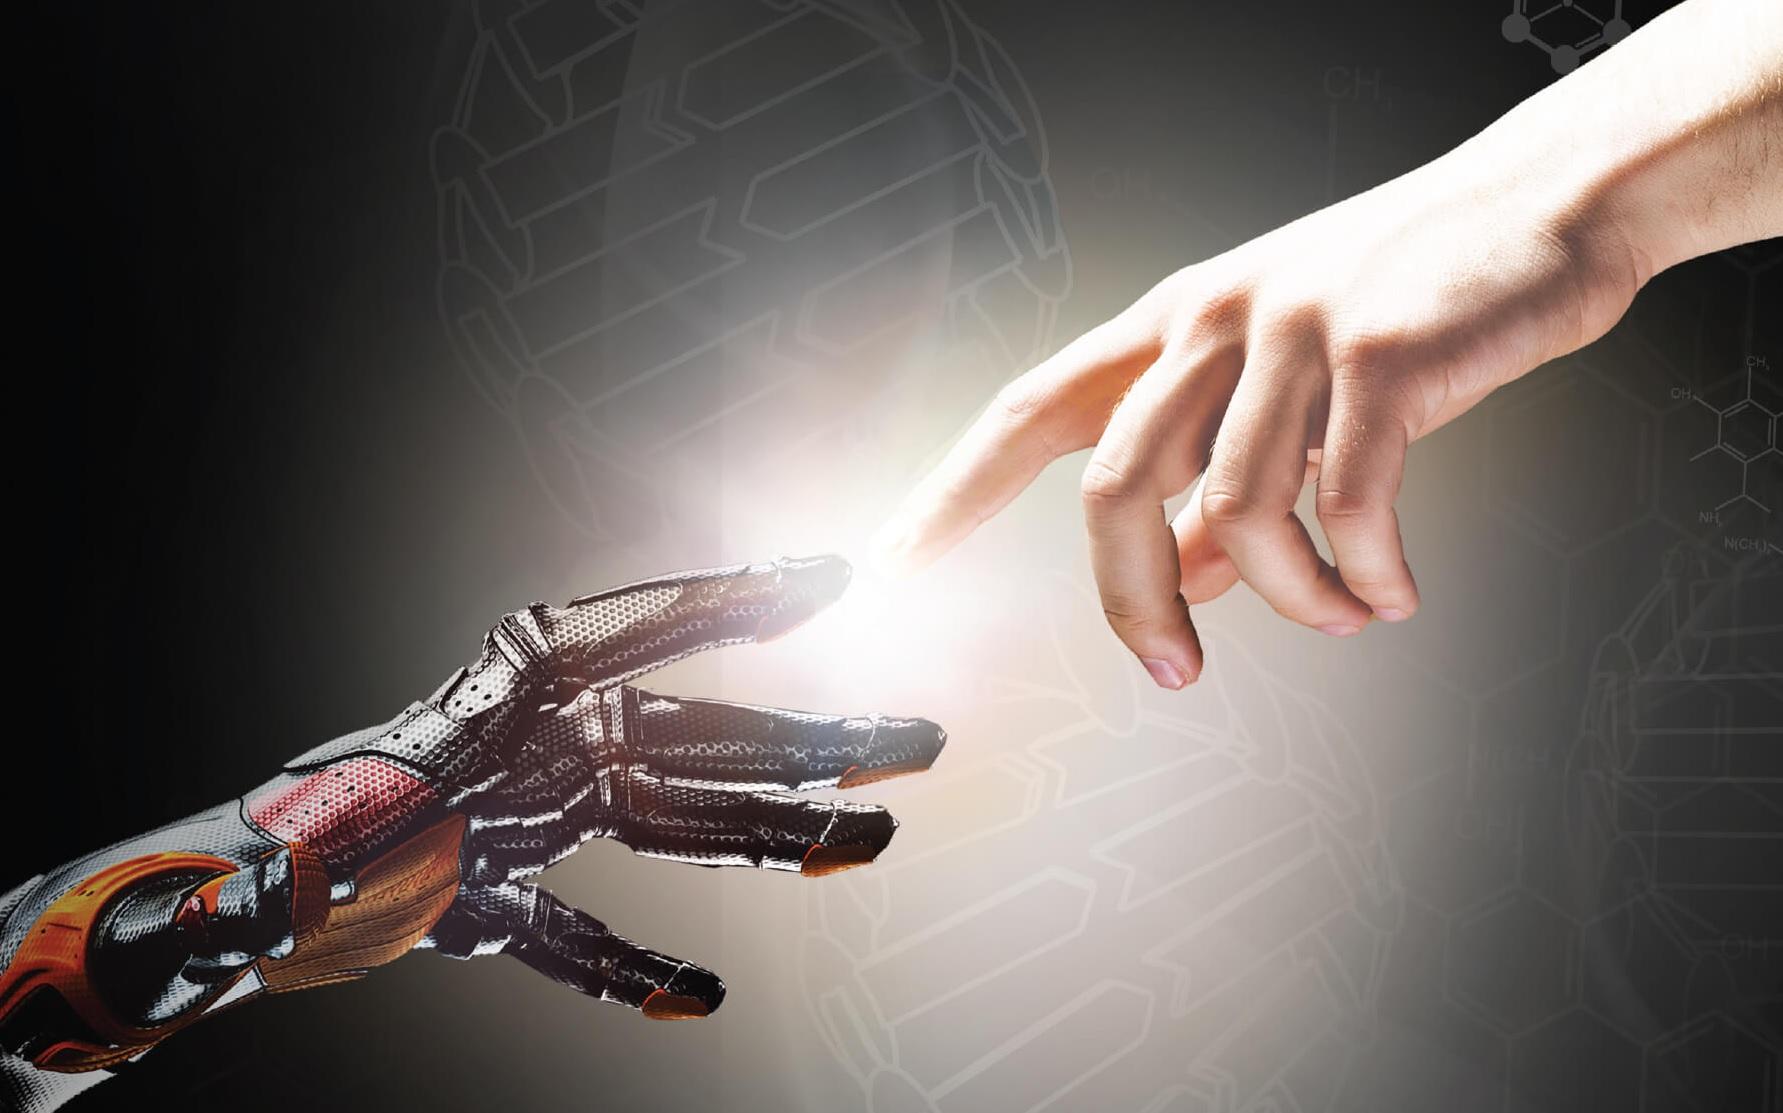 Como a medicina do futuro pode ser um sistema exponencialmente melhor e mais humano